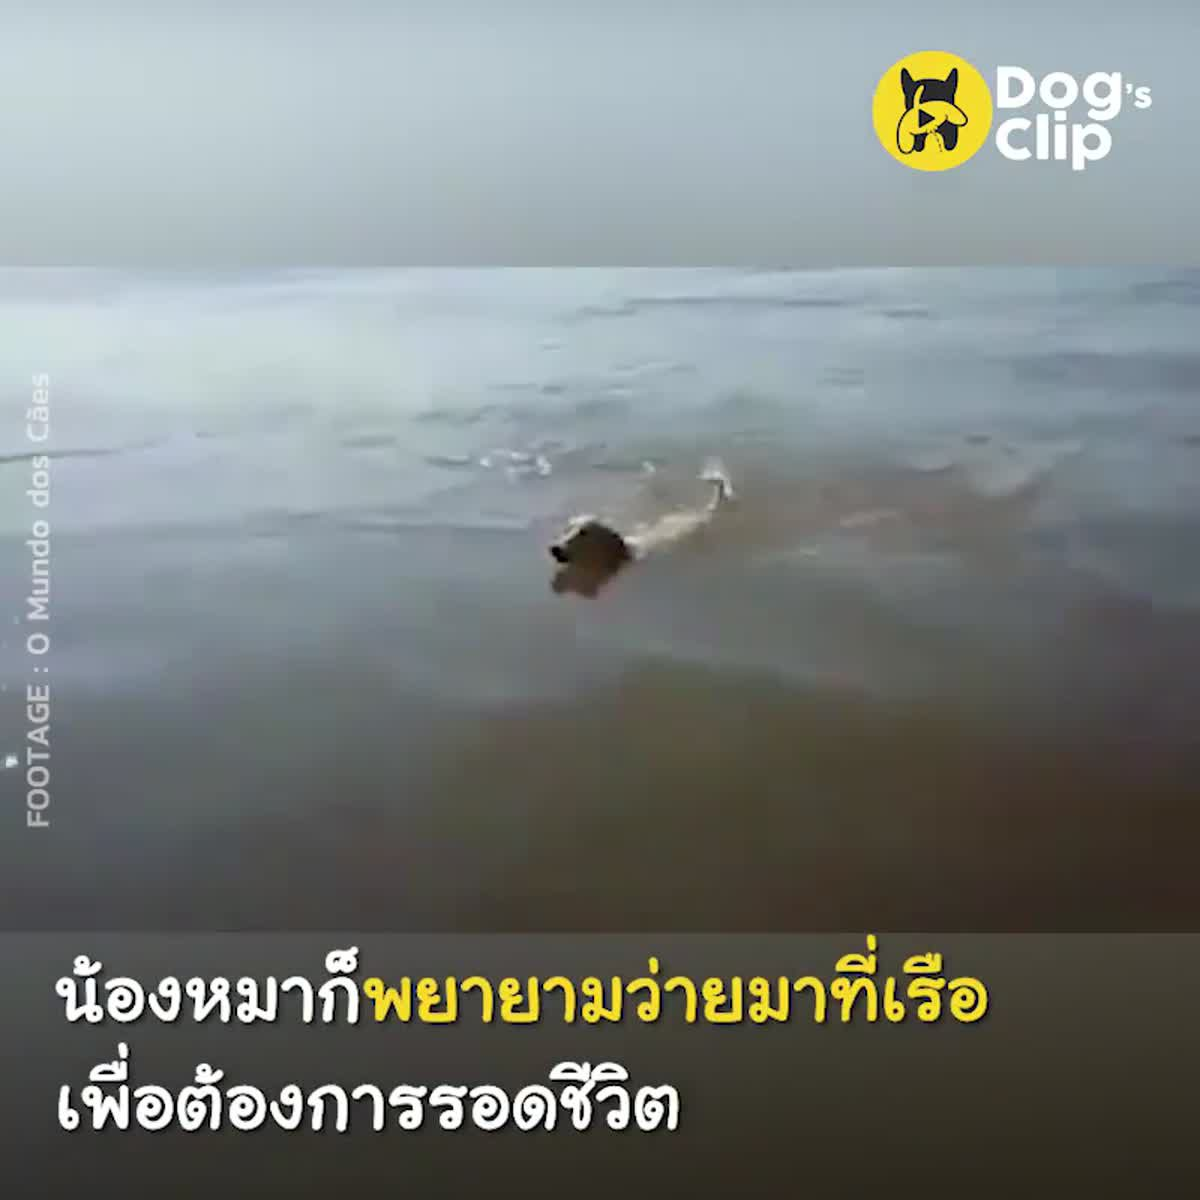 ไม่มีใครรู้ว่าน้องหมาไปลอยอยู่กลางแม่น้ำได้ยังไง